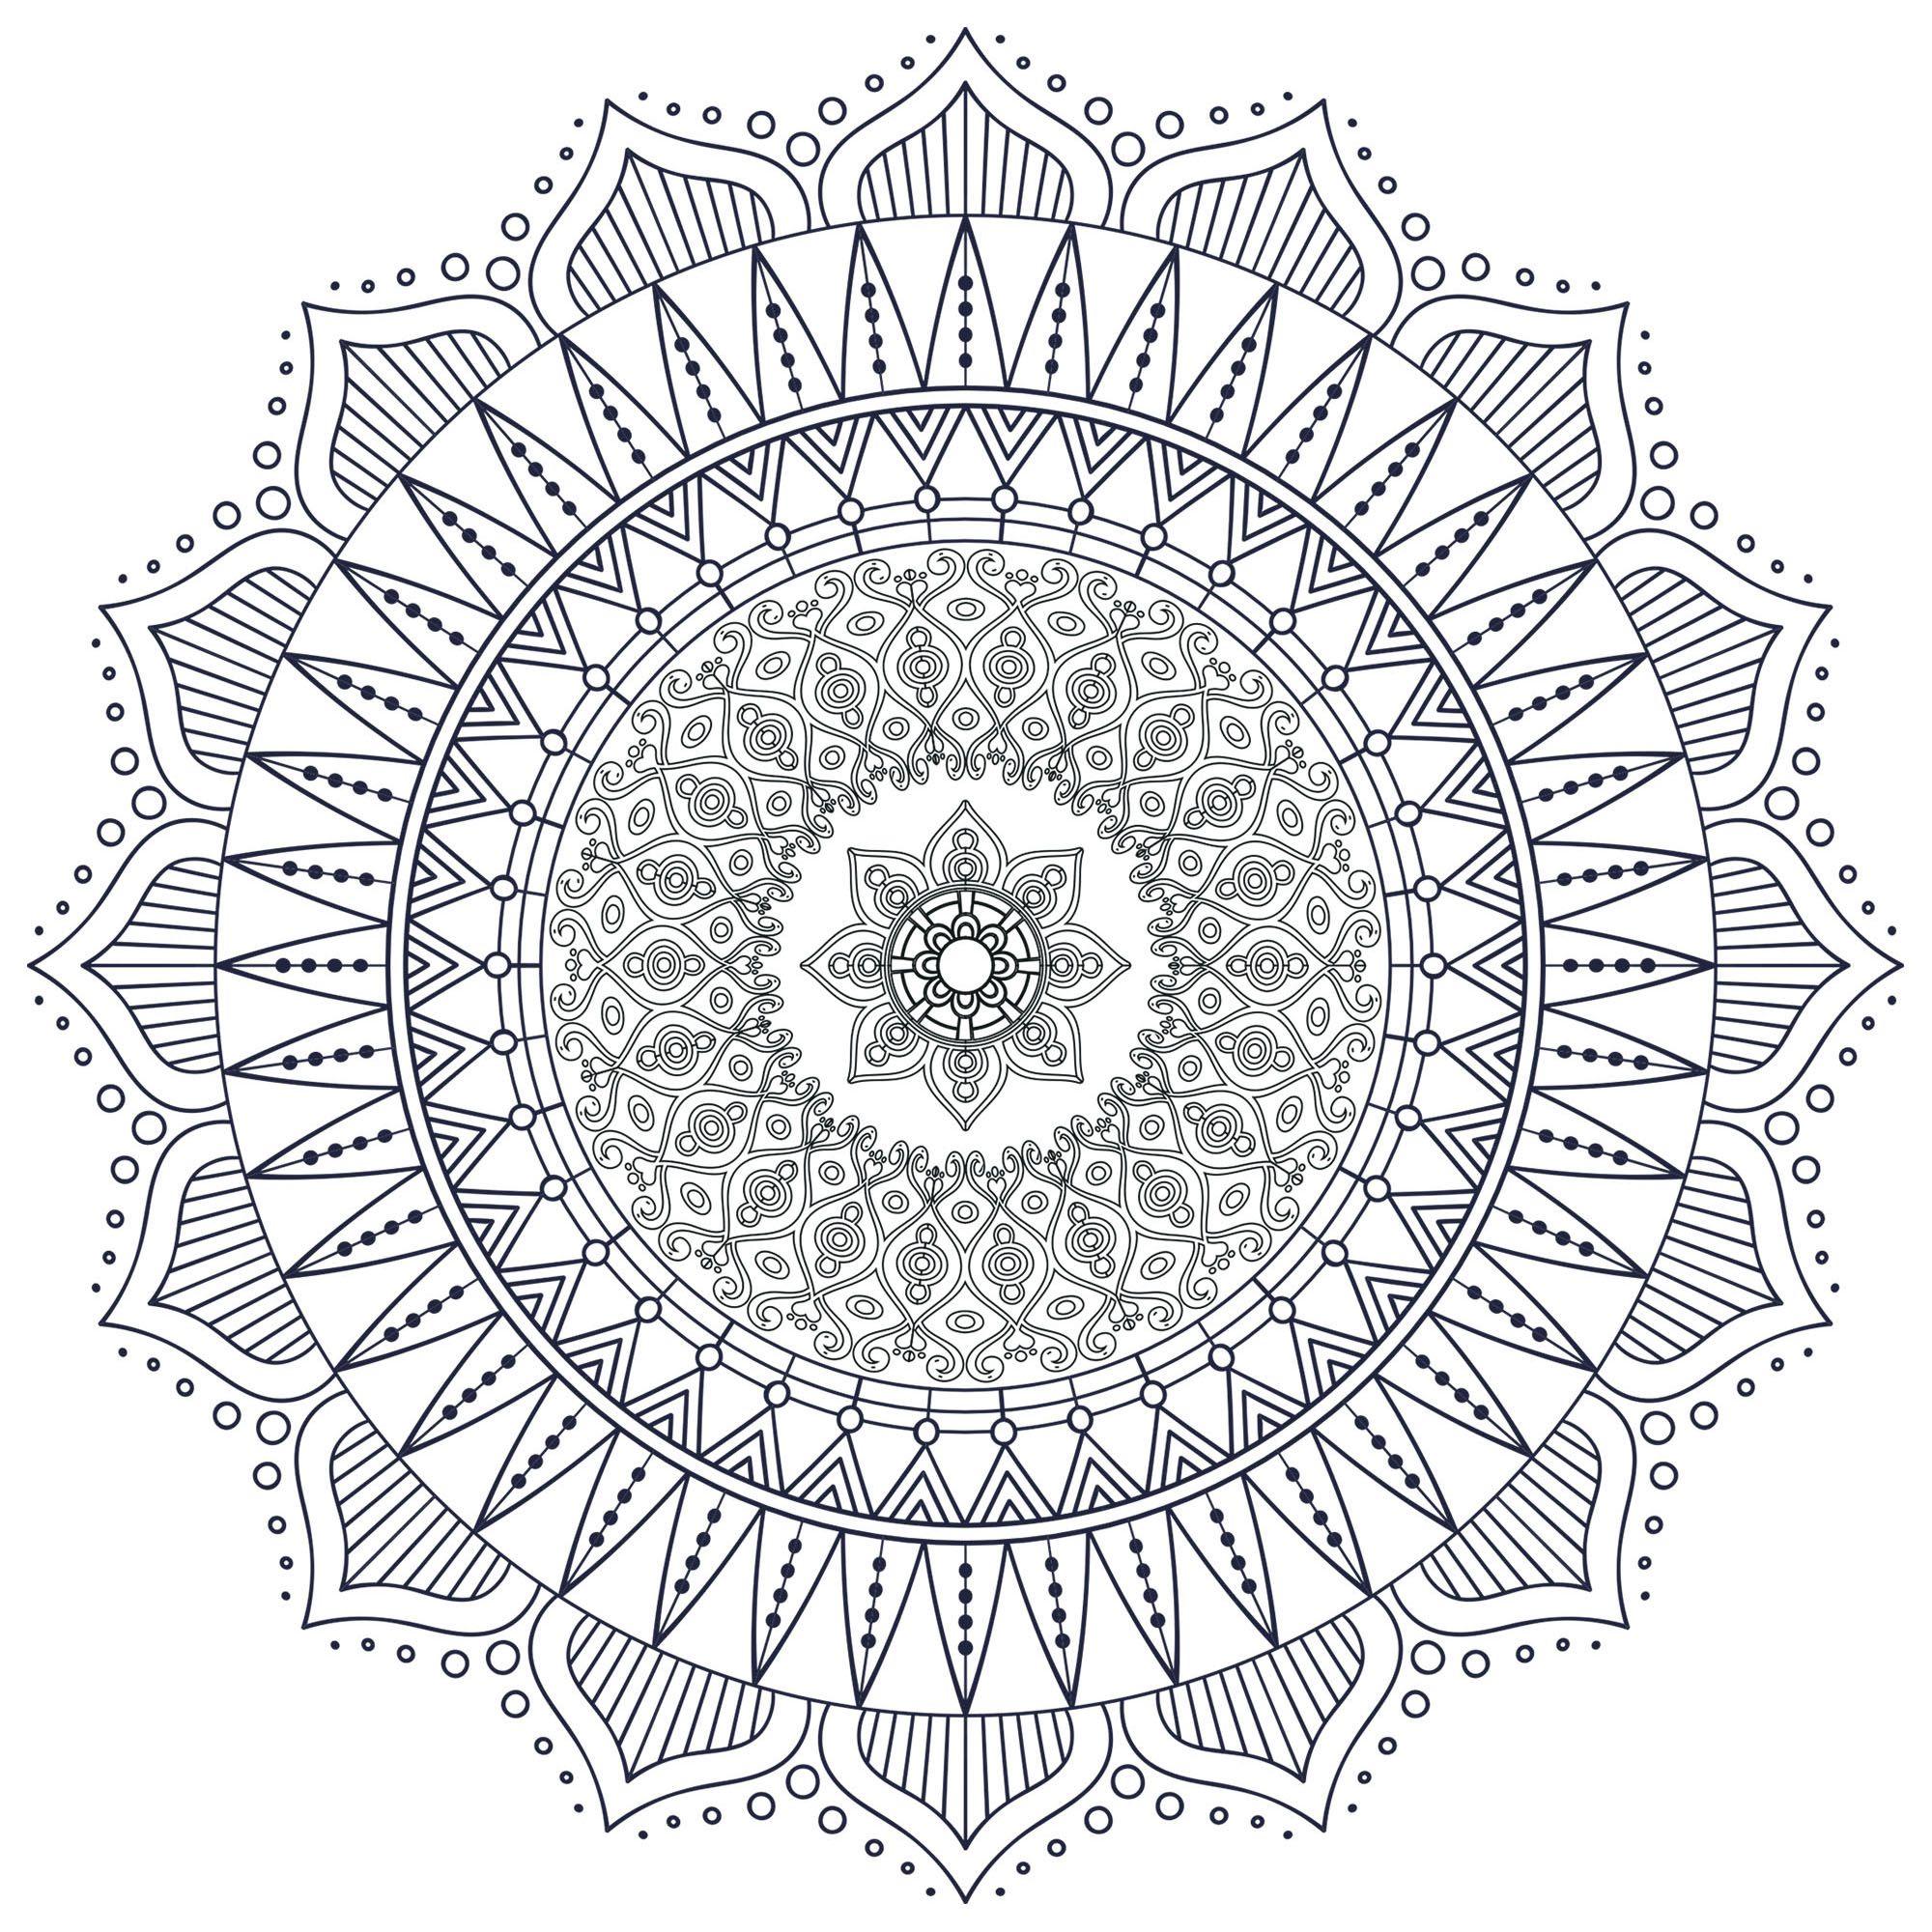 Difficult Zen Anti Stress Mandala 7 Difficult Mandalas For